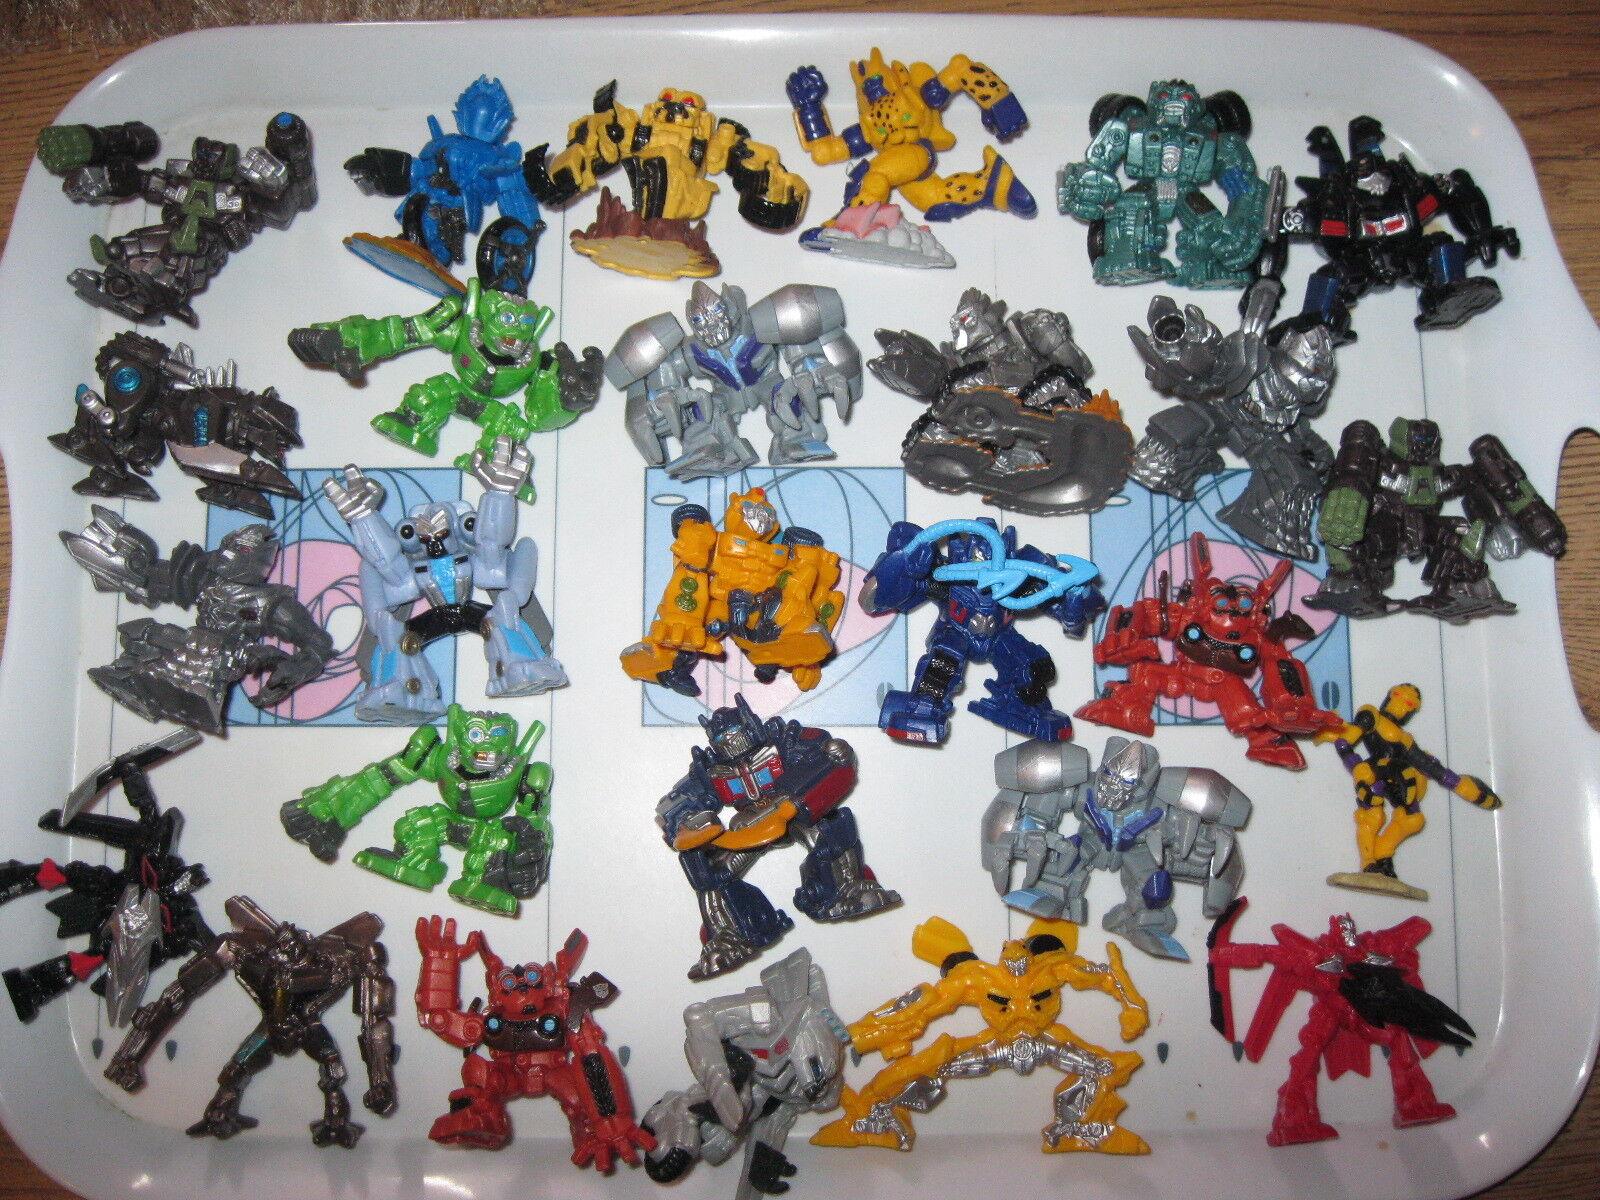 Huge Bundle of Transformer Robot Hordes By Hasbro 27 in Total